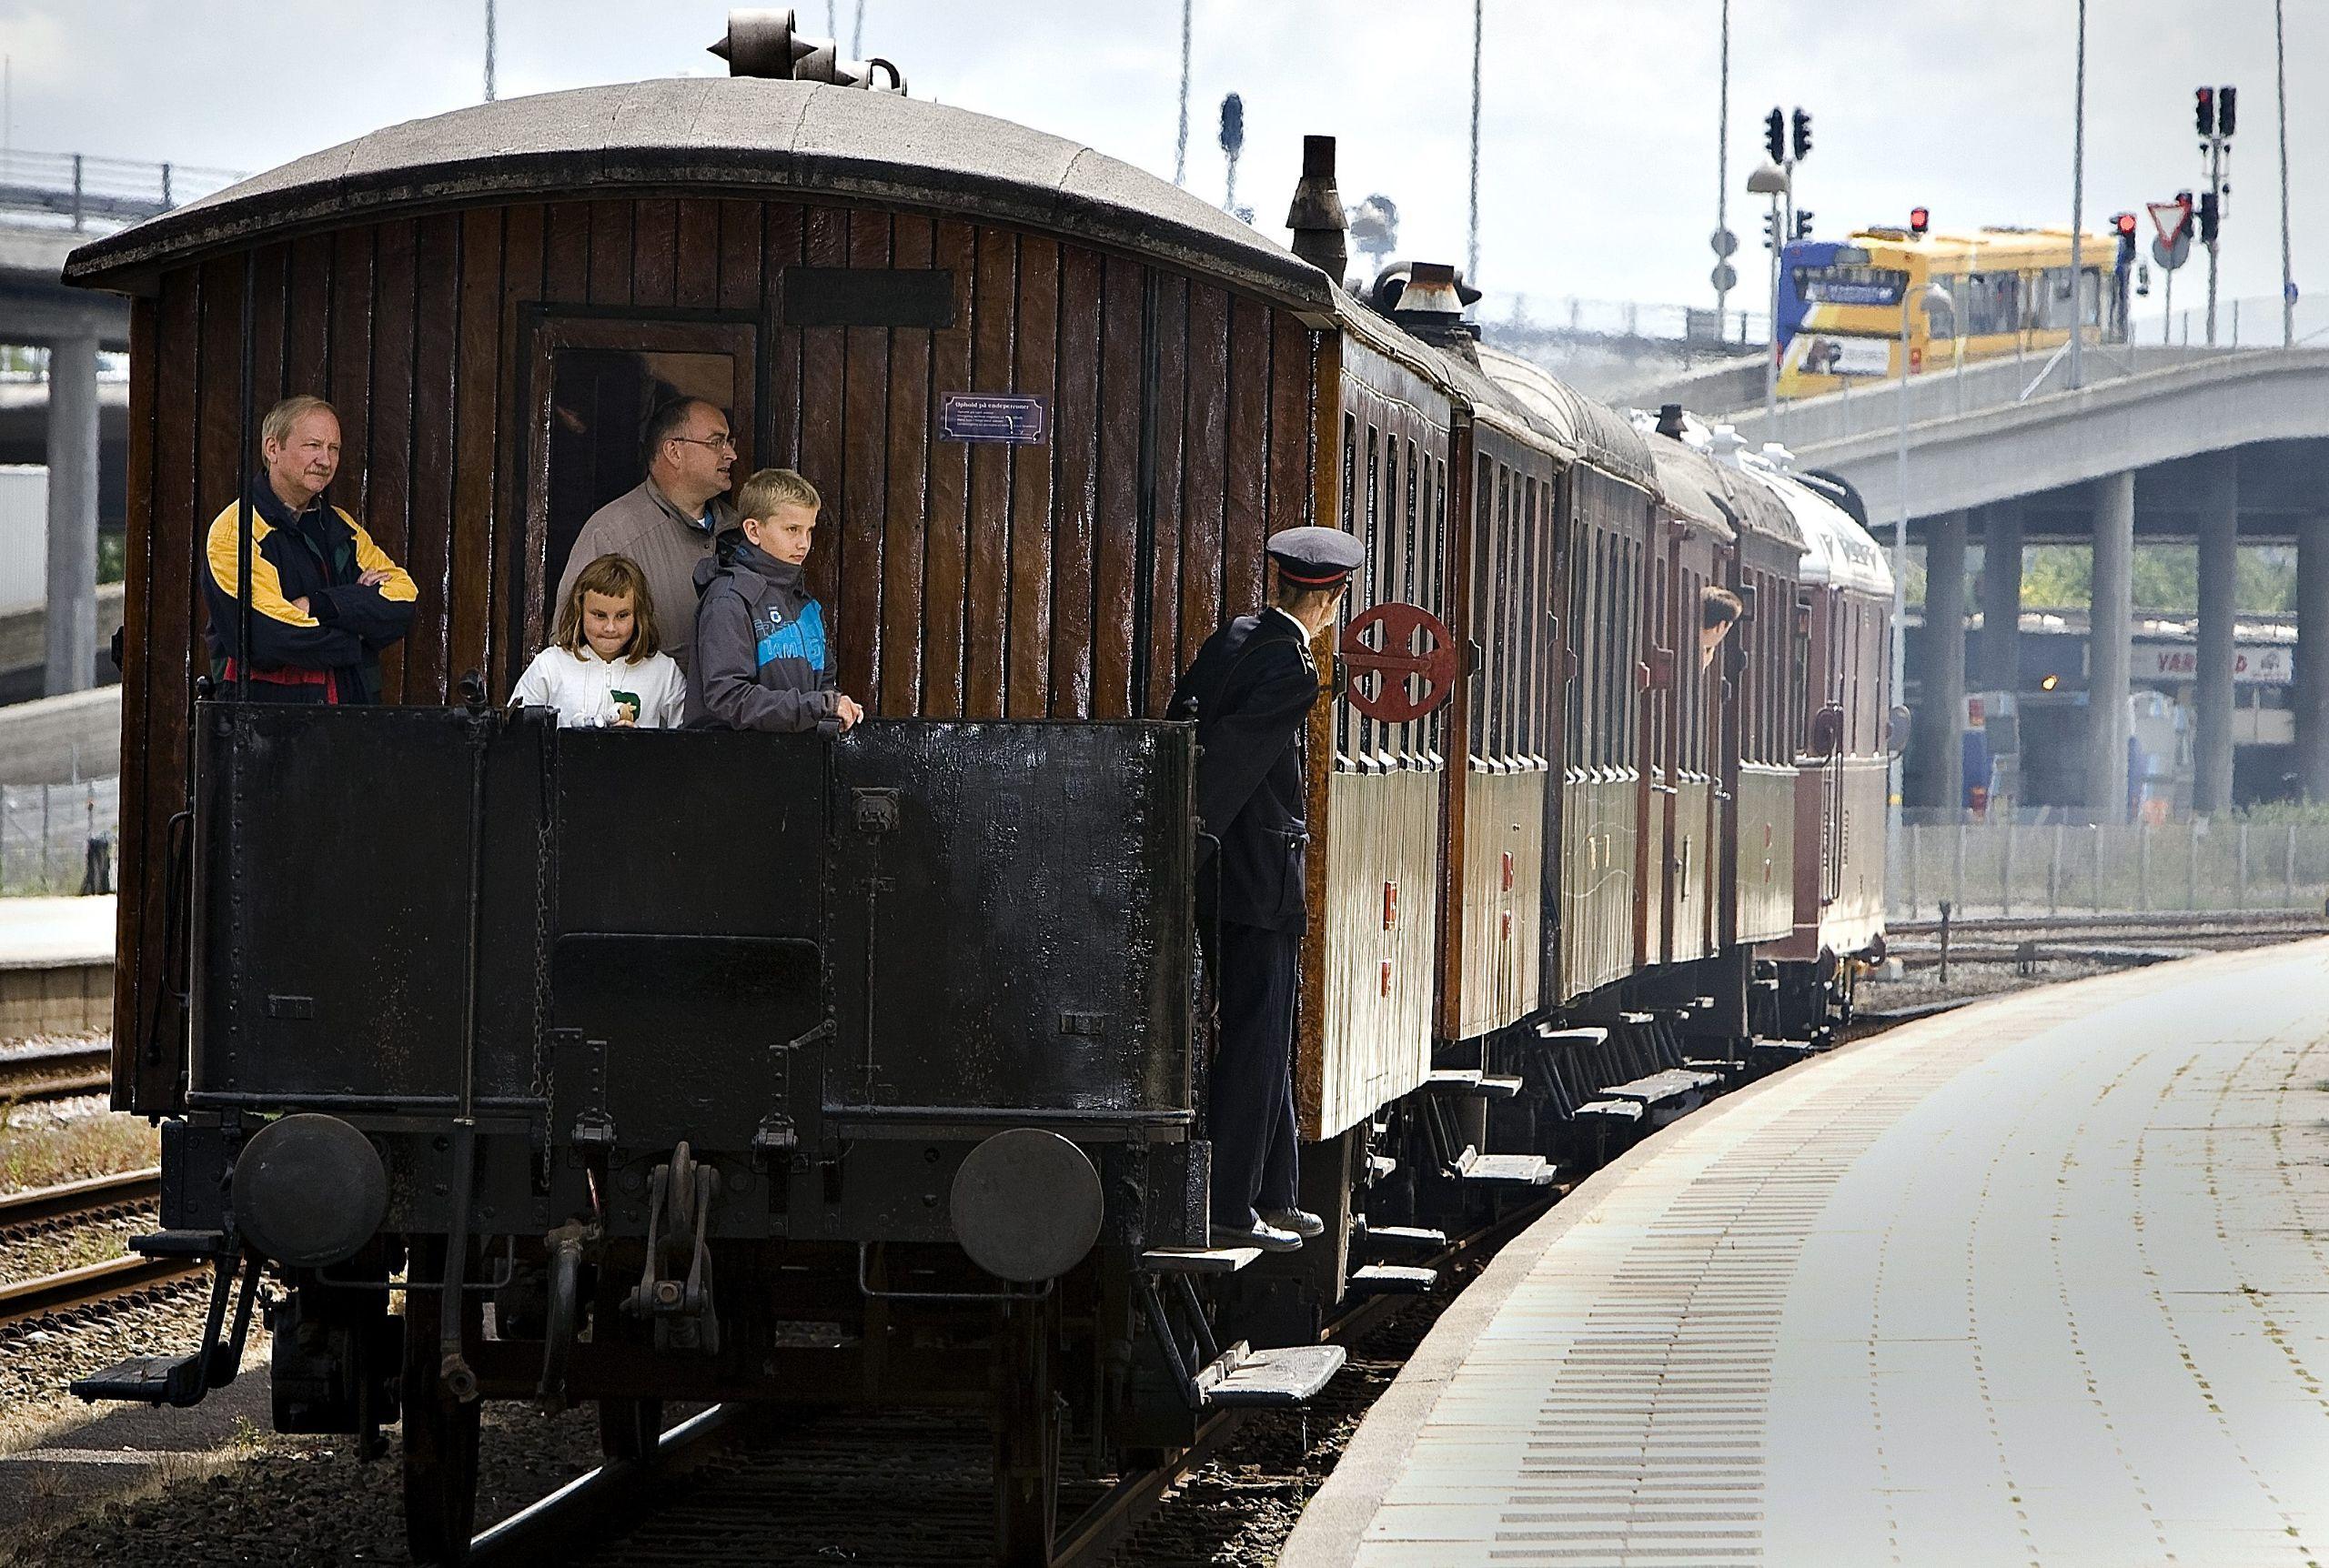 Hvis man ikke tidligere år har givet sine børn eller børnebørn en køretur med Limfjordsbanens veterantog, så er der al mulig grund til at give dem den oplevelse her i julen 2018. Arkivfoto: Ajs Nielsen